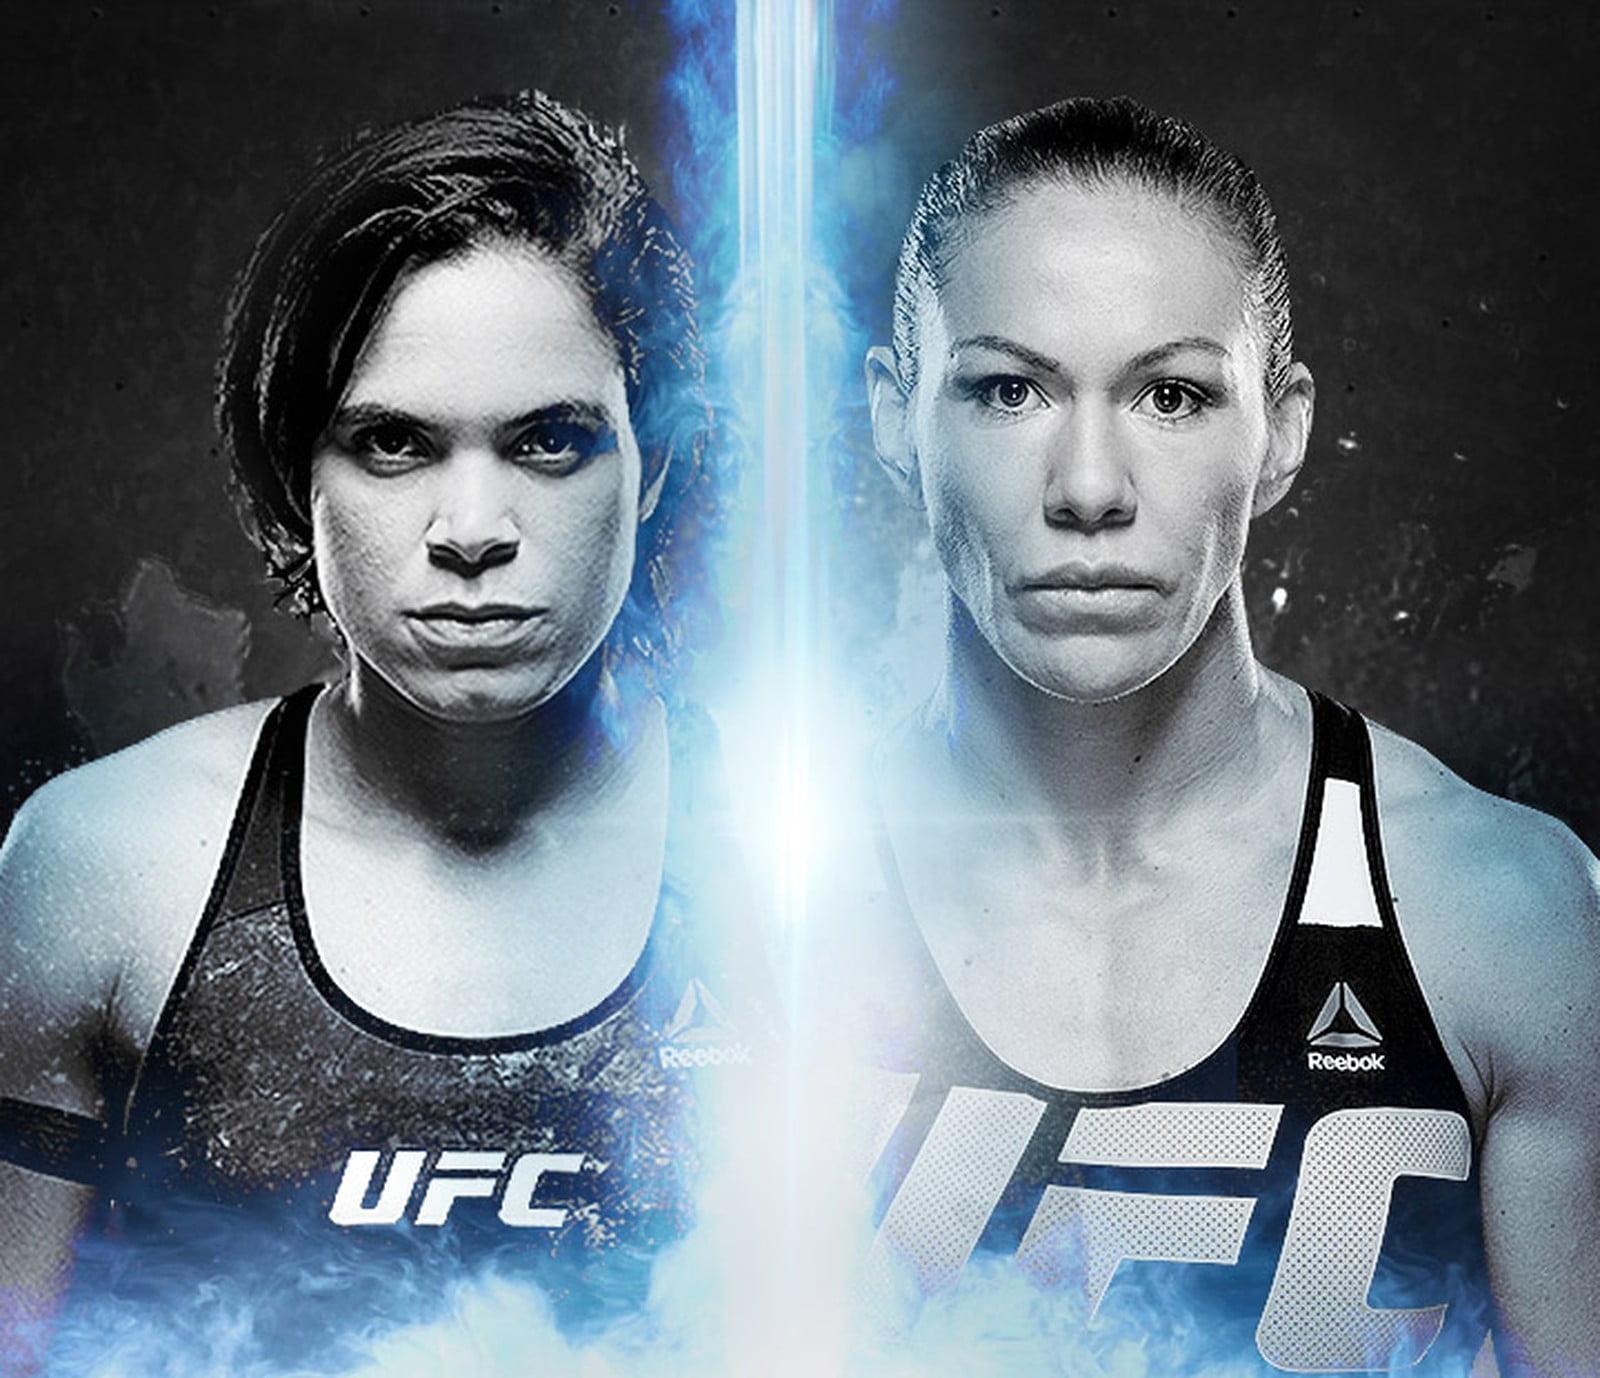 Para Cyborg, Amanda Nunes se aproveita de fama de outras lutadoras